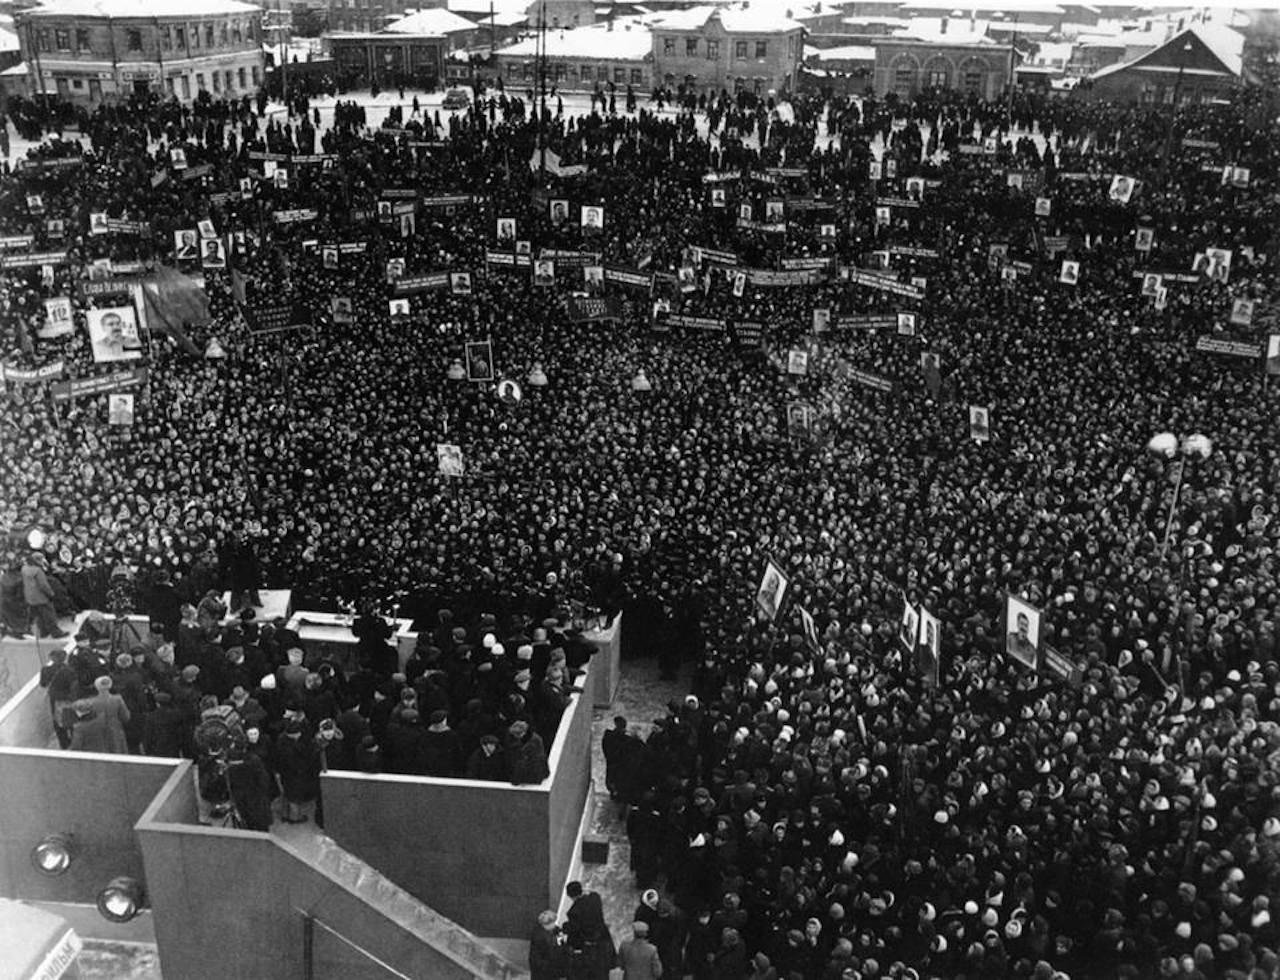 Выборы Иосифа Сталина в Верховный Совет СССР. Предвыборный митинг в Москве, 1950 год